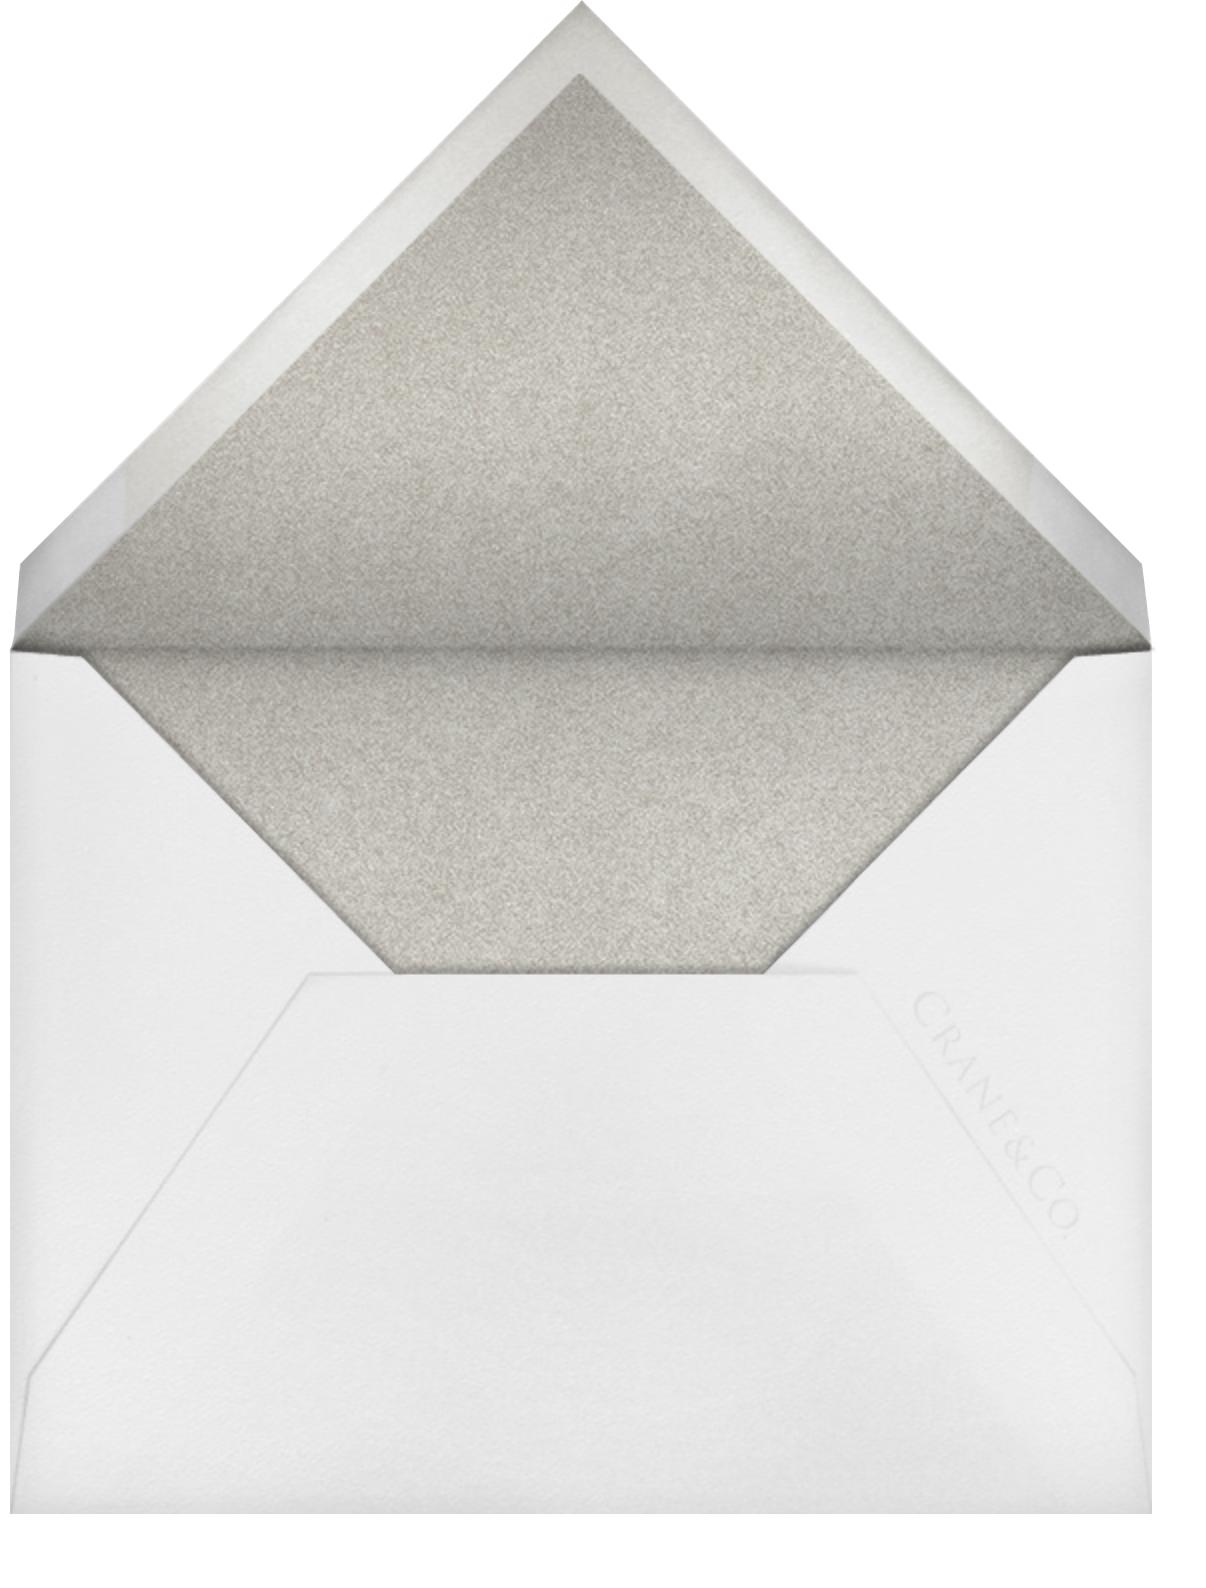 White Tartan - Platinum - Vera Wang - null - envelope back